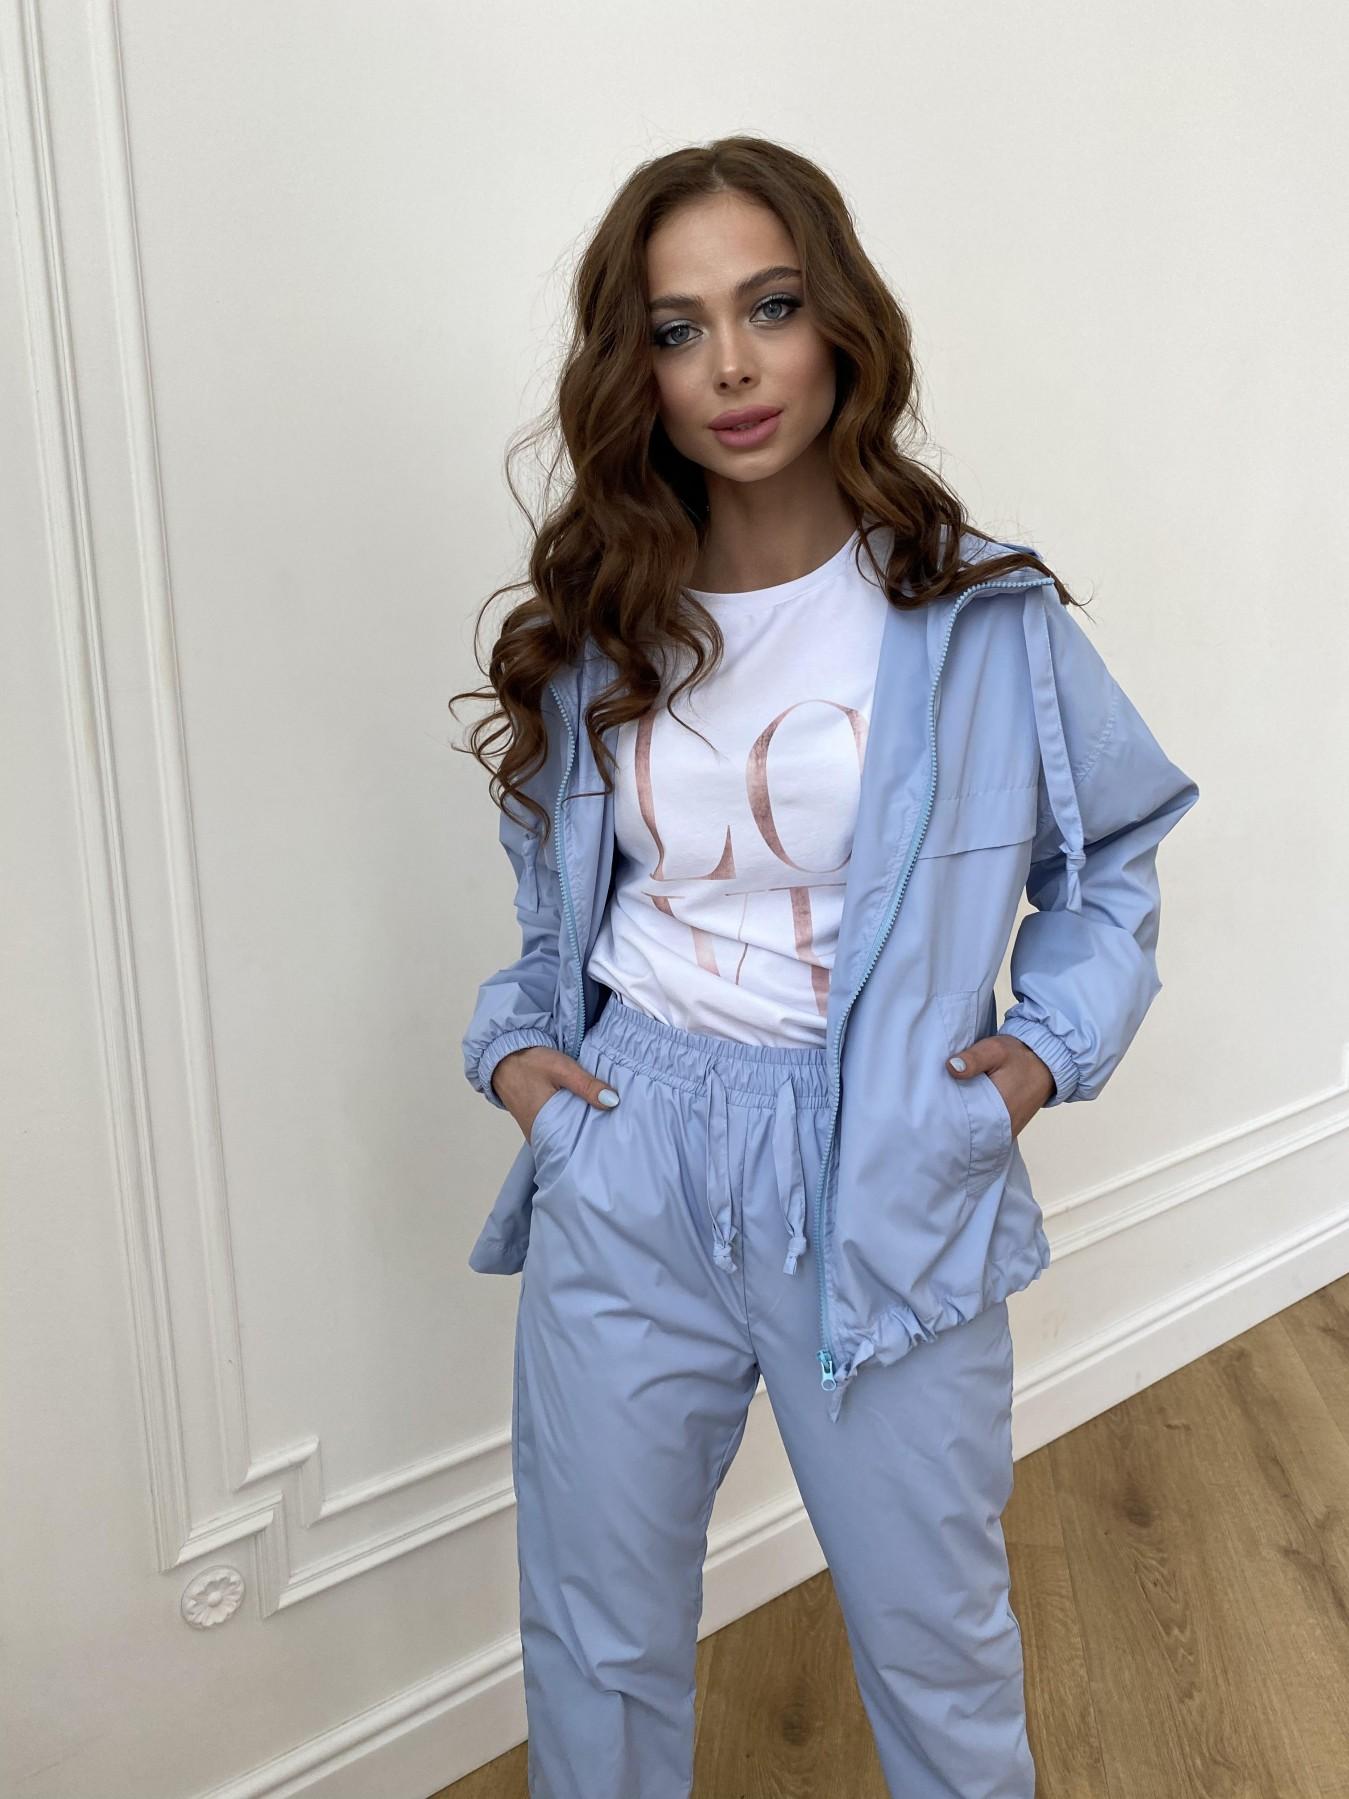 Фит куртка из плащевой ткани Ammy 11013 АРТ. 47712 Цвет: Голубой 1021 - фото 5, интернет магазин tm-modus.ru